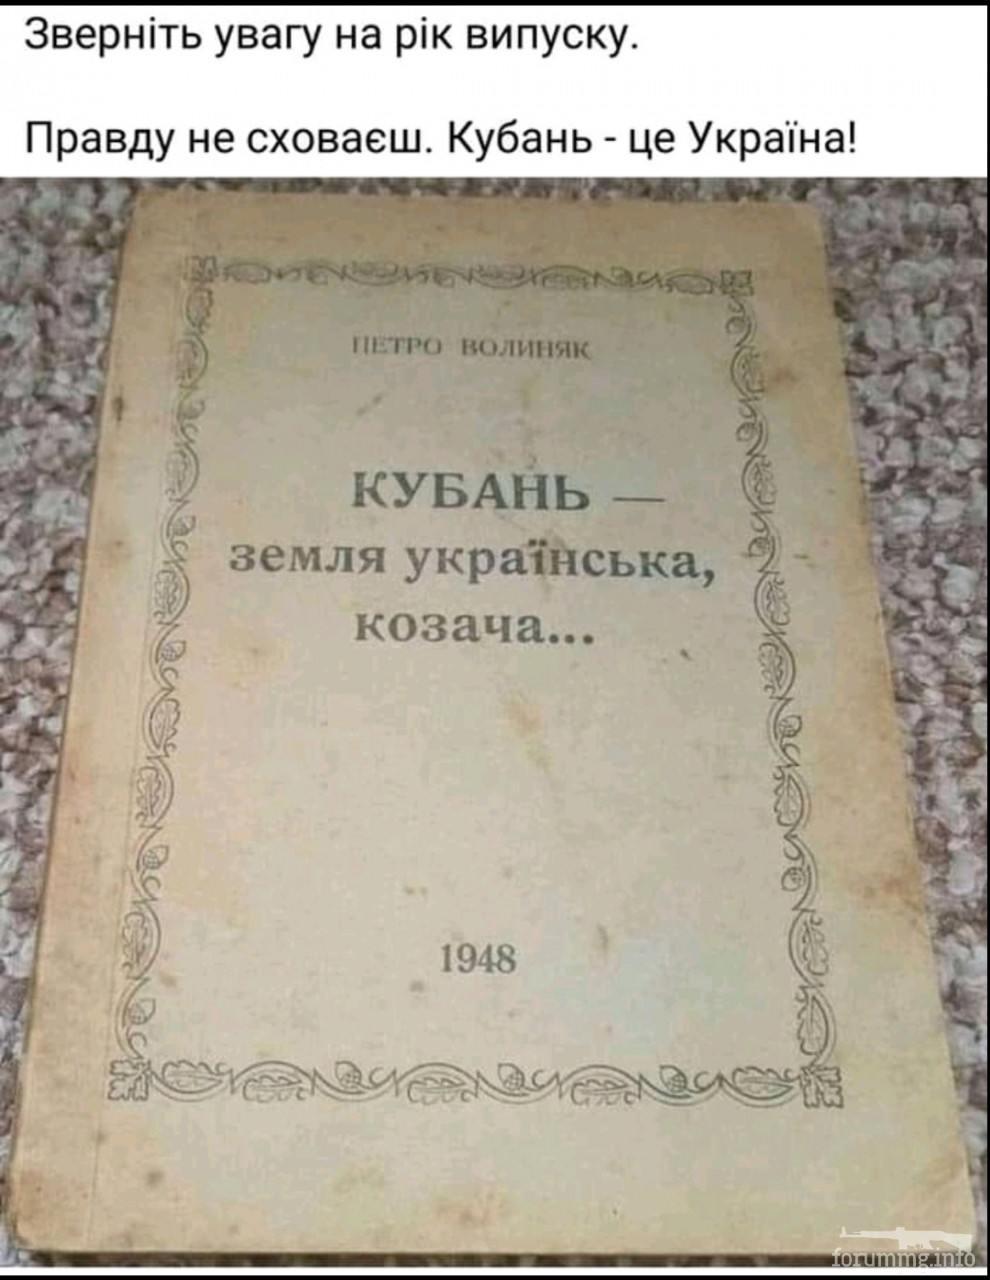 136776 - Украинцы и россияне,откуда ненависть.